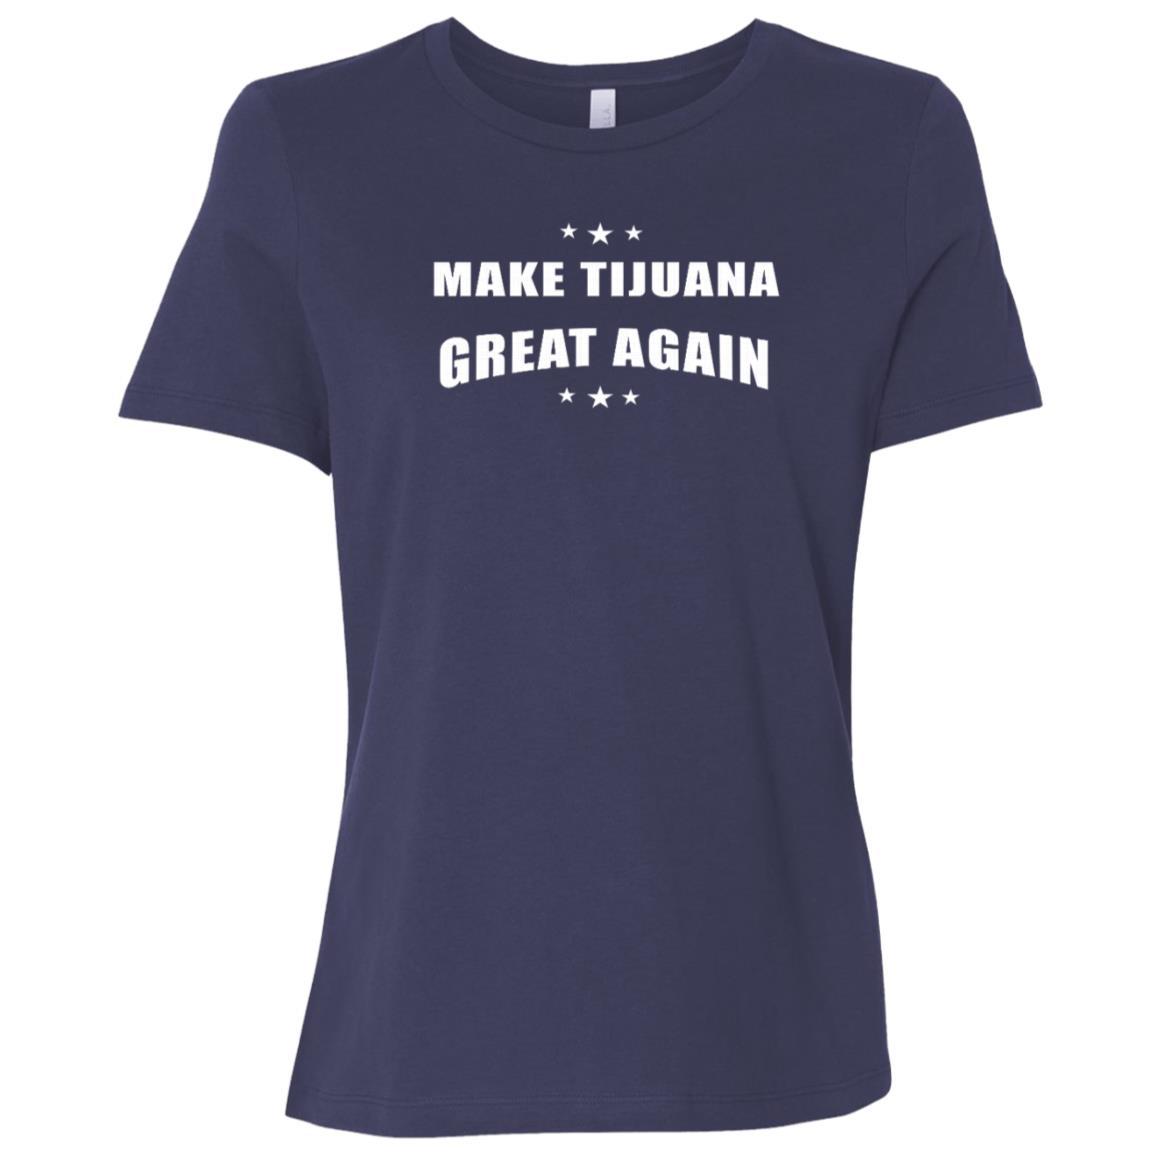 Make Tijuana Mexico Great Again Funny Gift Idea s Women Short Sleeve T-Shirt